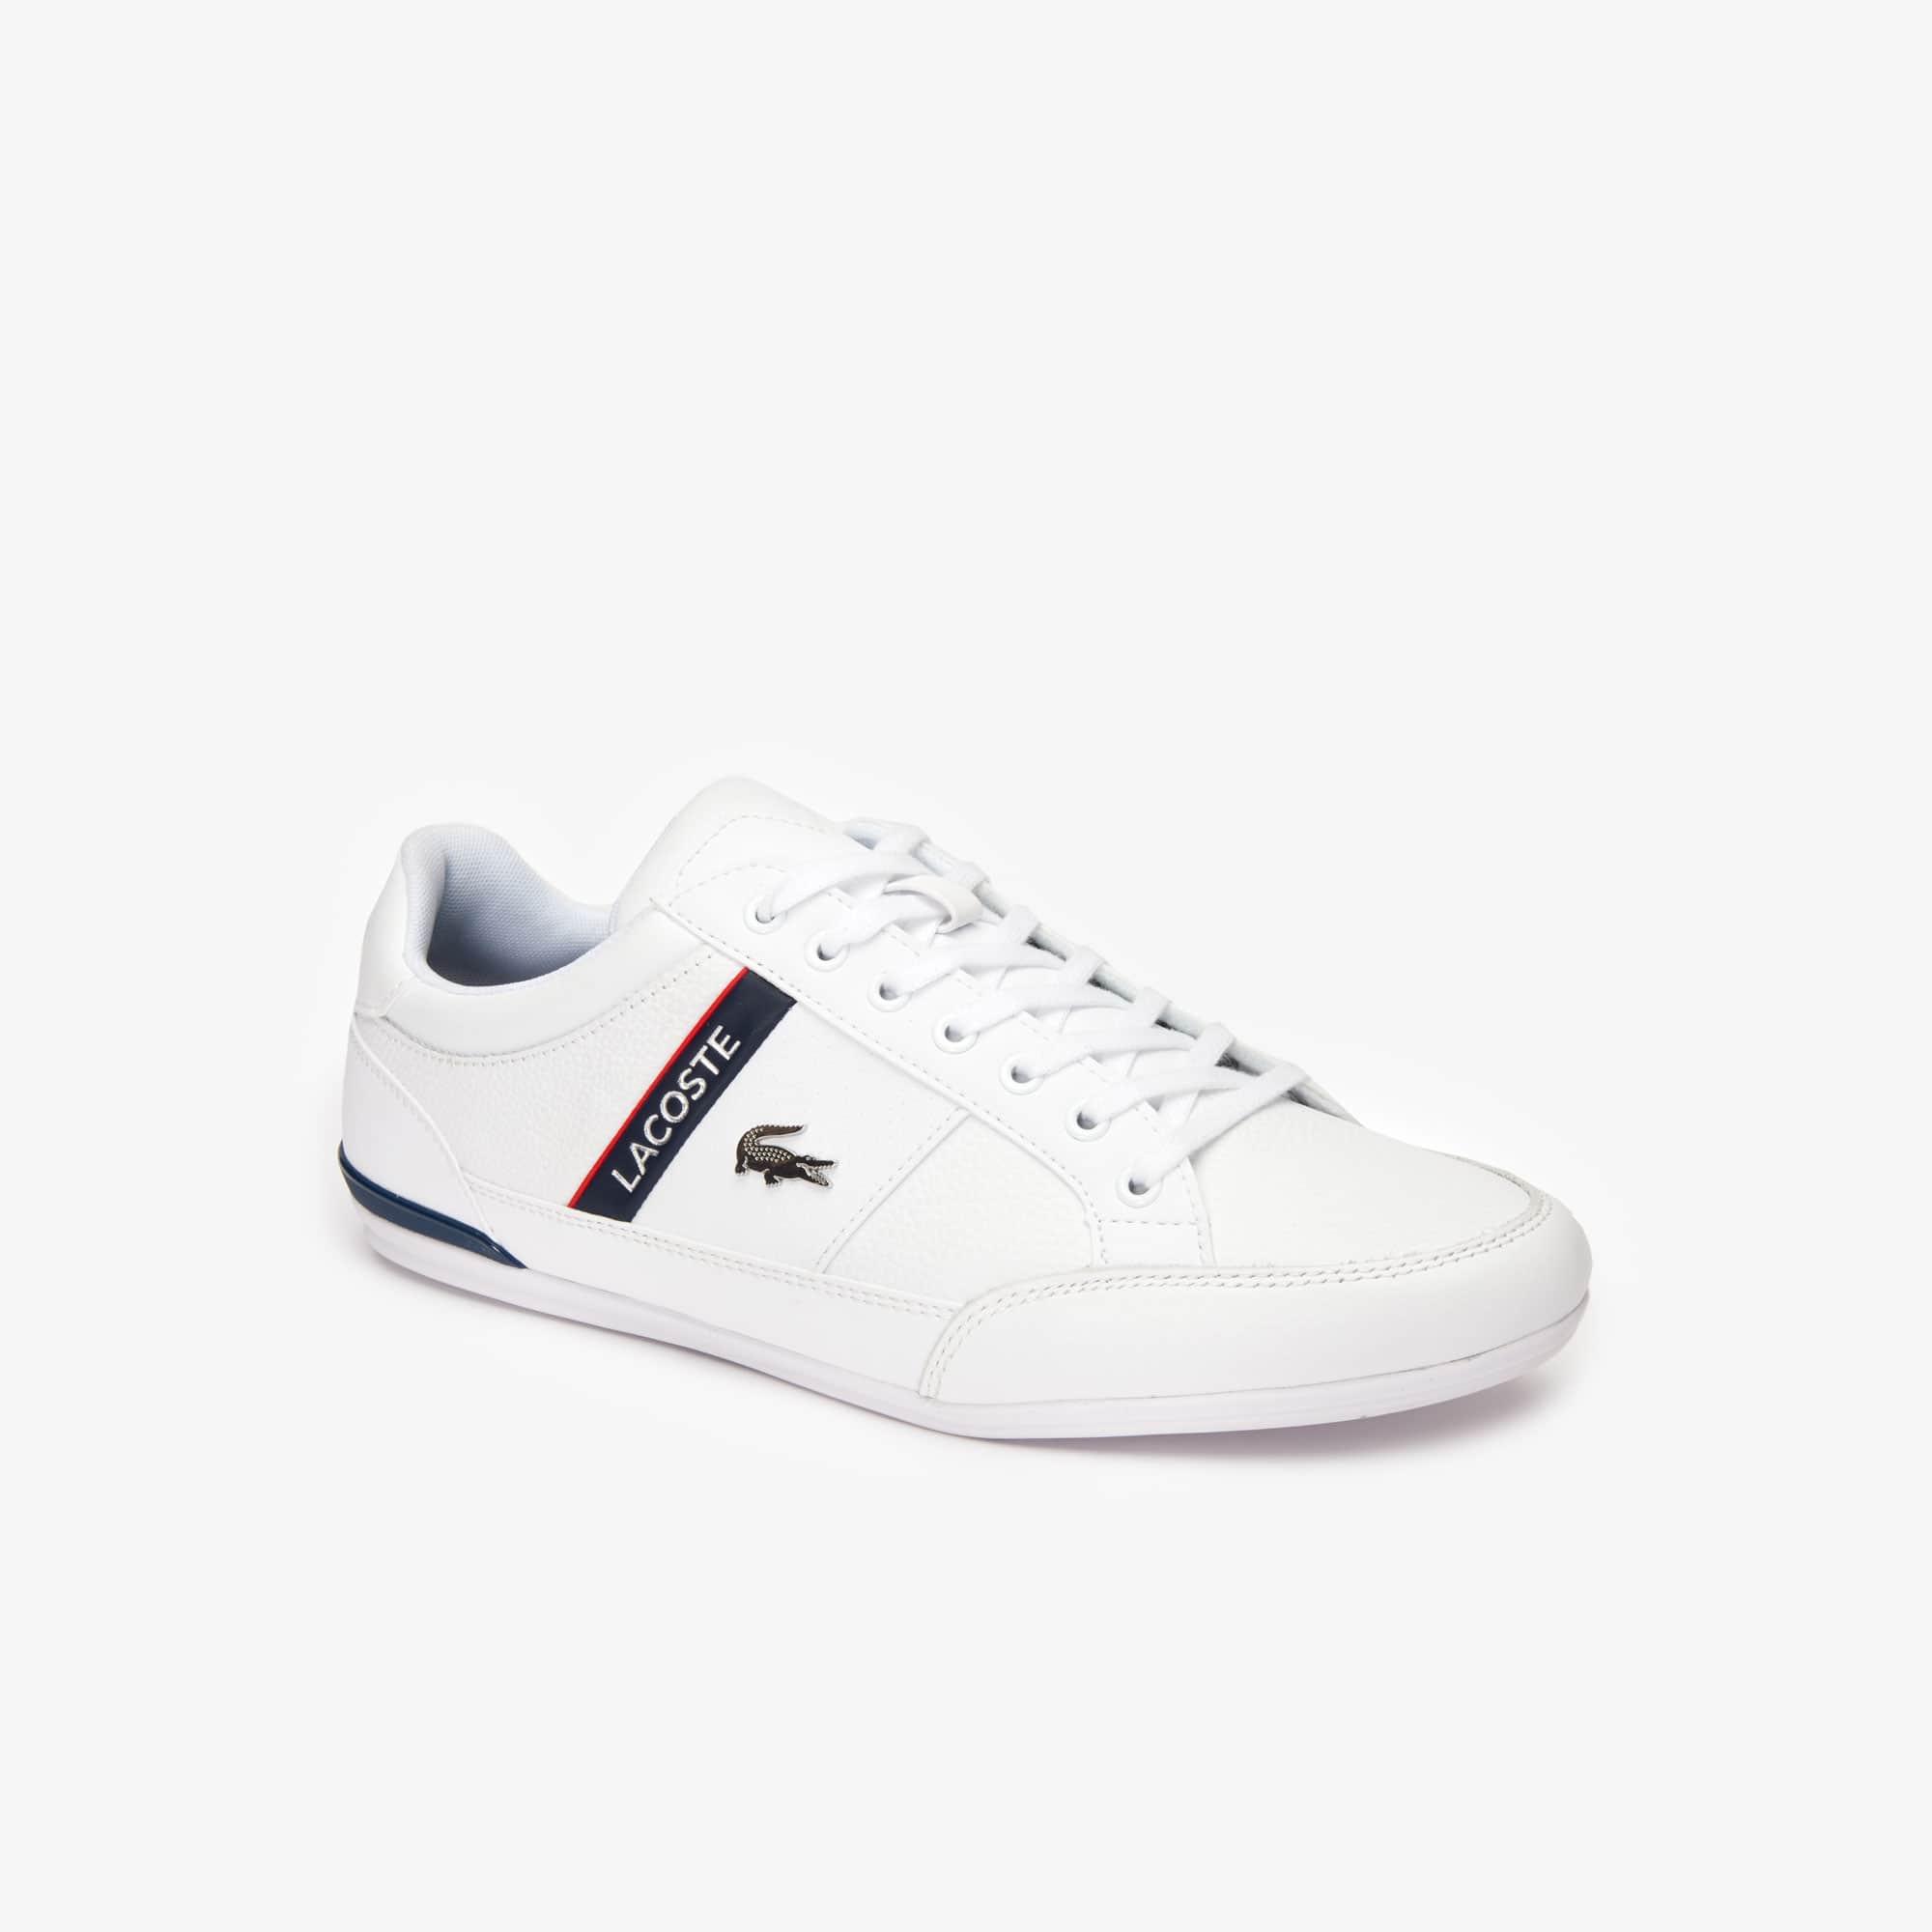 Men's Men's Lacoste Men's ShoesFor ShoesFor Men Men Lacoste ShoesFor Men Lacoste Men's f7Yb6gy